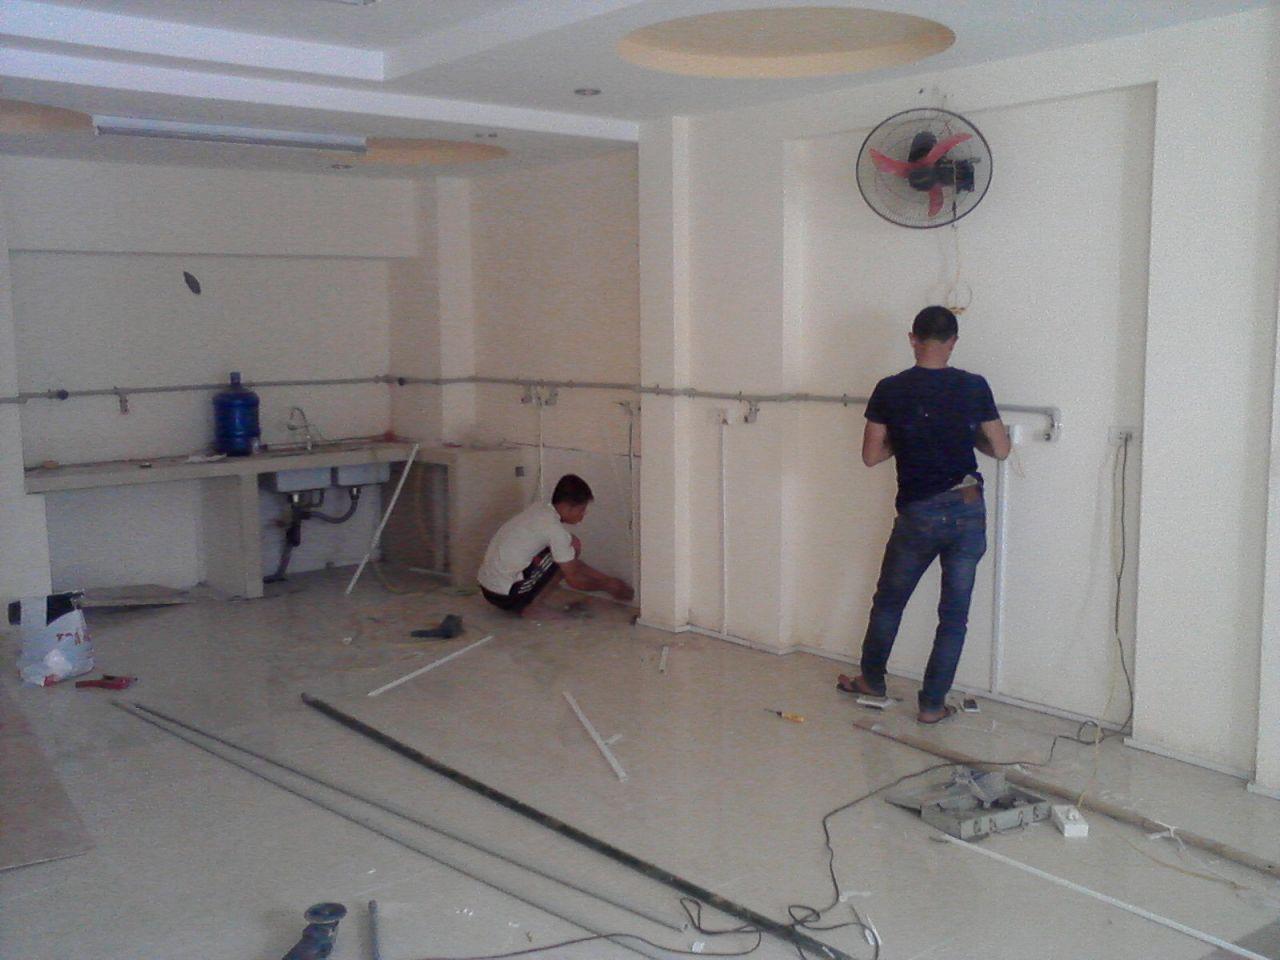 Dịch vụ sửa chữa điện uy tín tại Hóc Môn